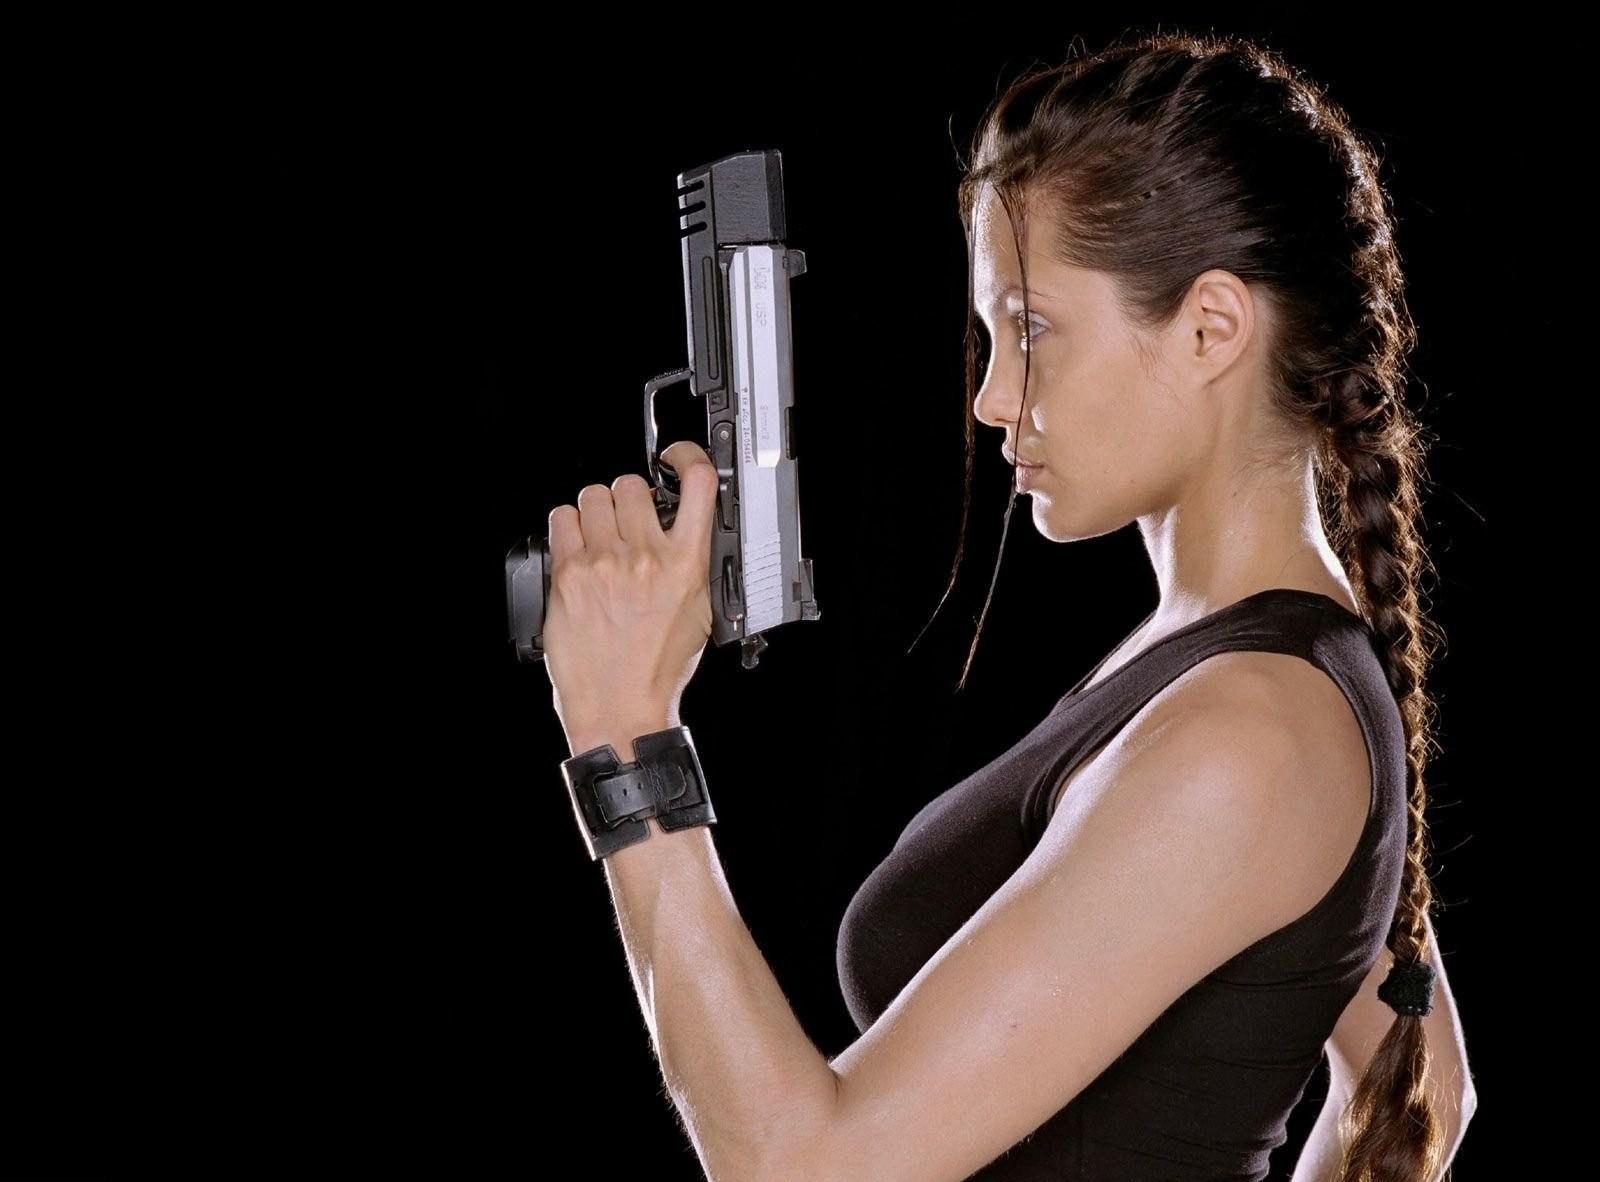 Картинки девушки с оружием скачать